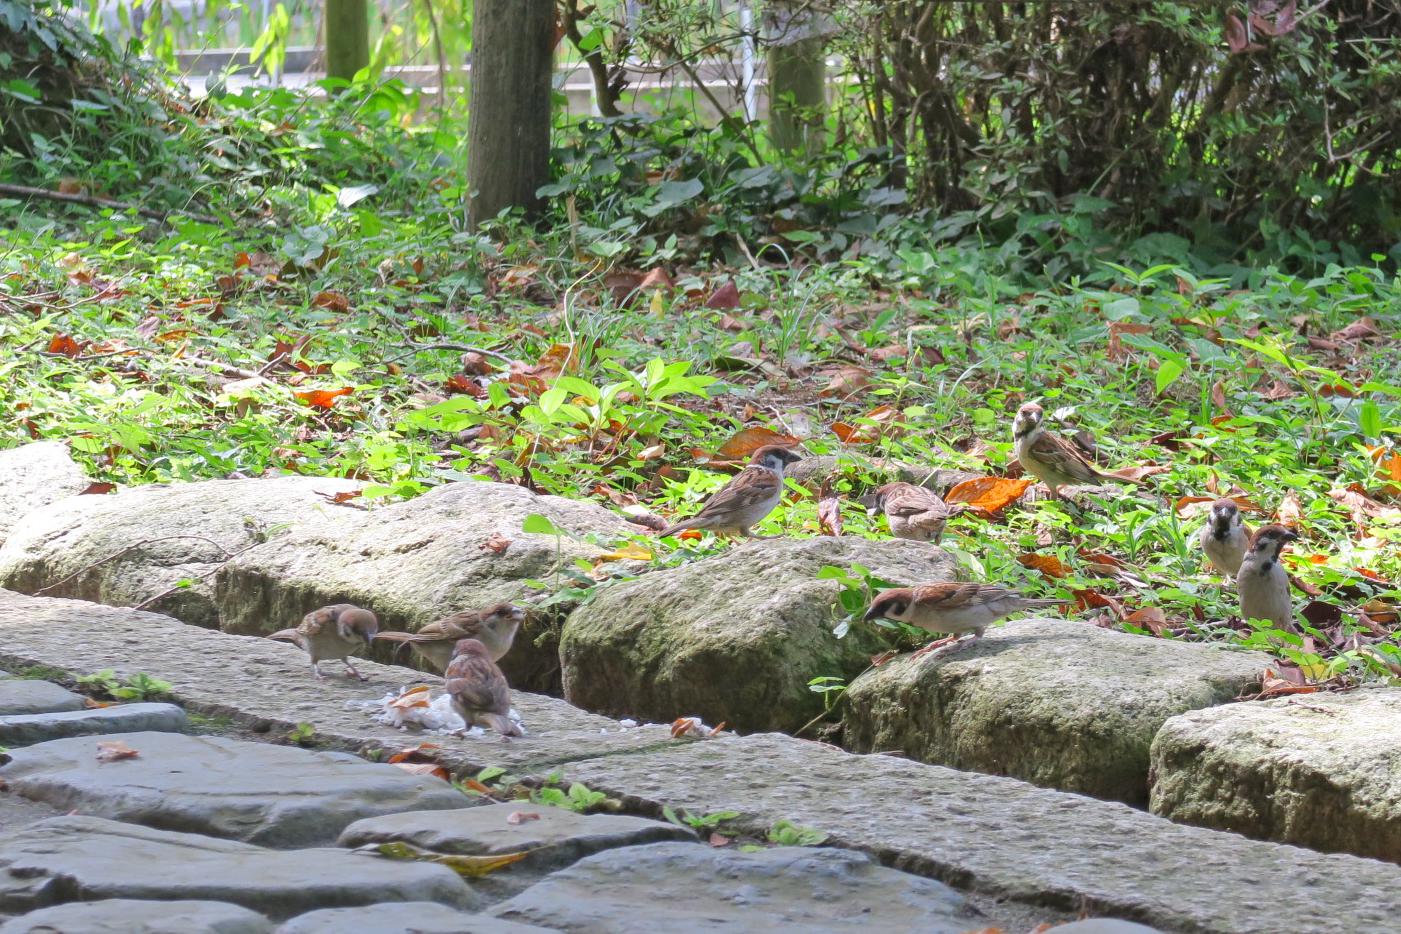 はなしょうぶ園の近くにある休憩所。80代と思われる方がスズメに餌をあげていました。